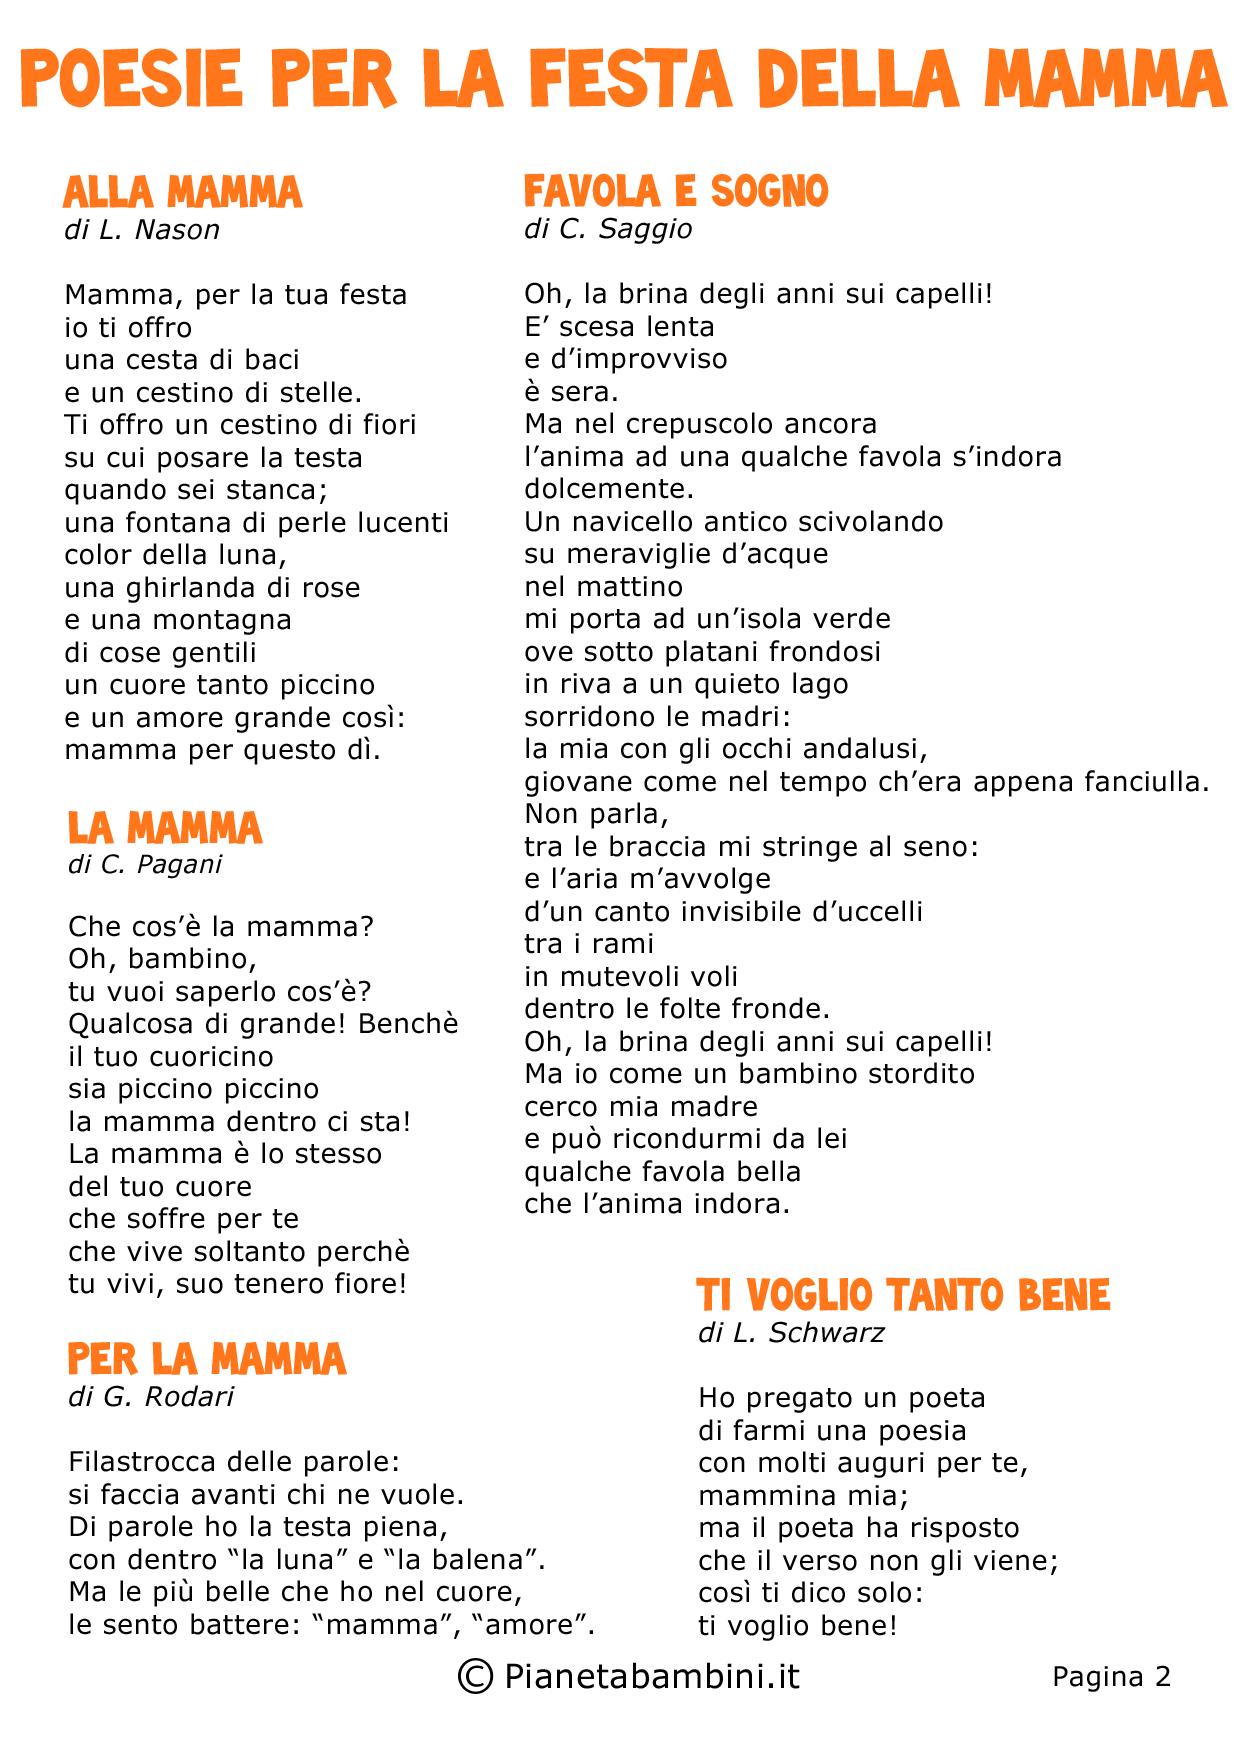 Poesie-Festa-Mamma-02